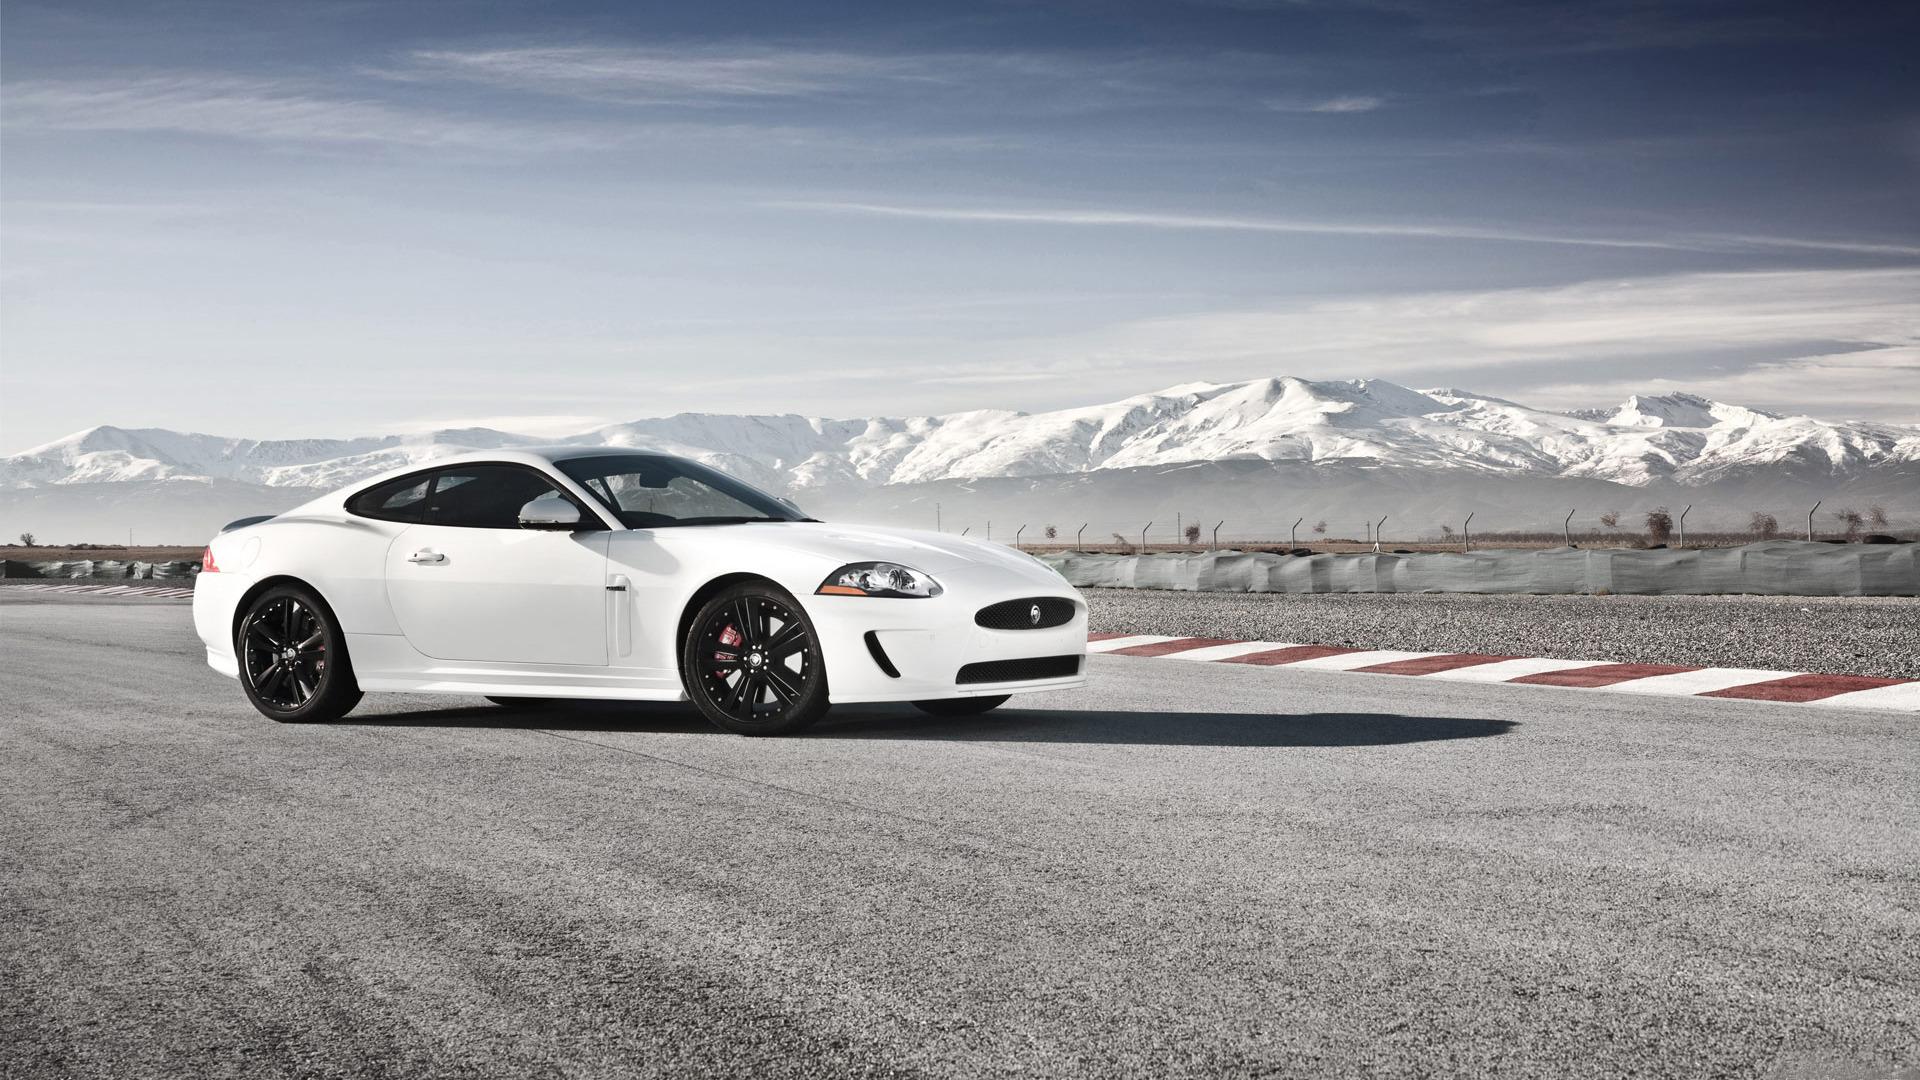 jaguar cars wallpapers full hd 1080p 1920x1080